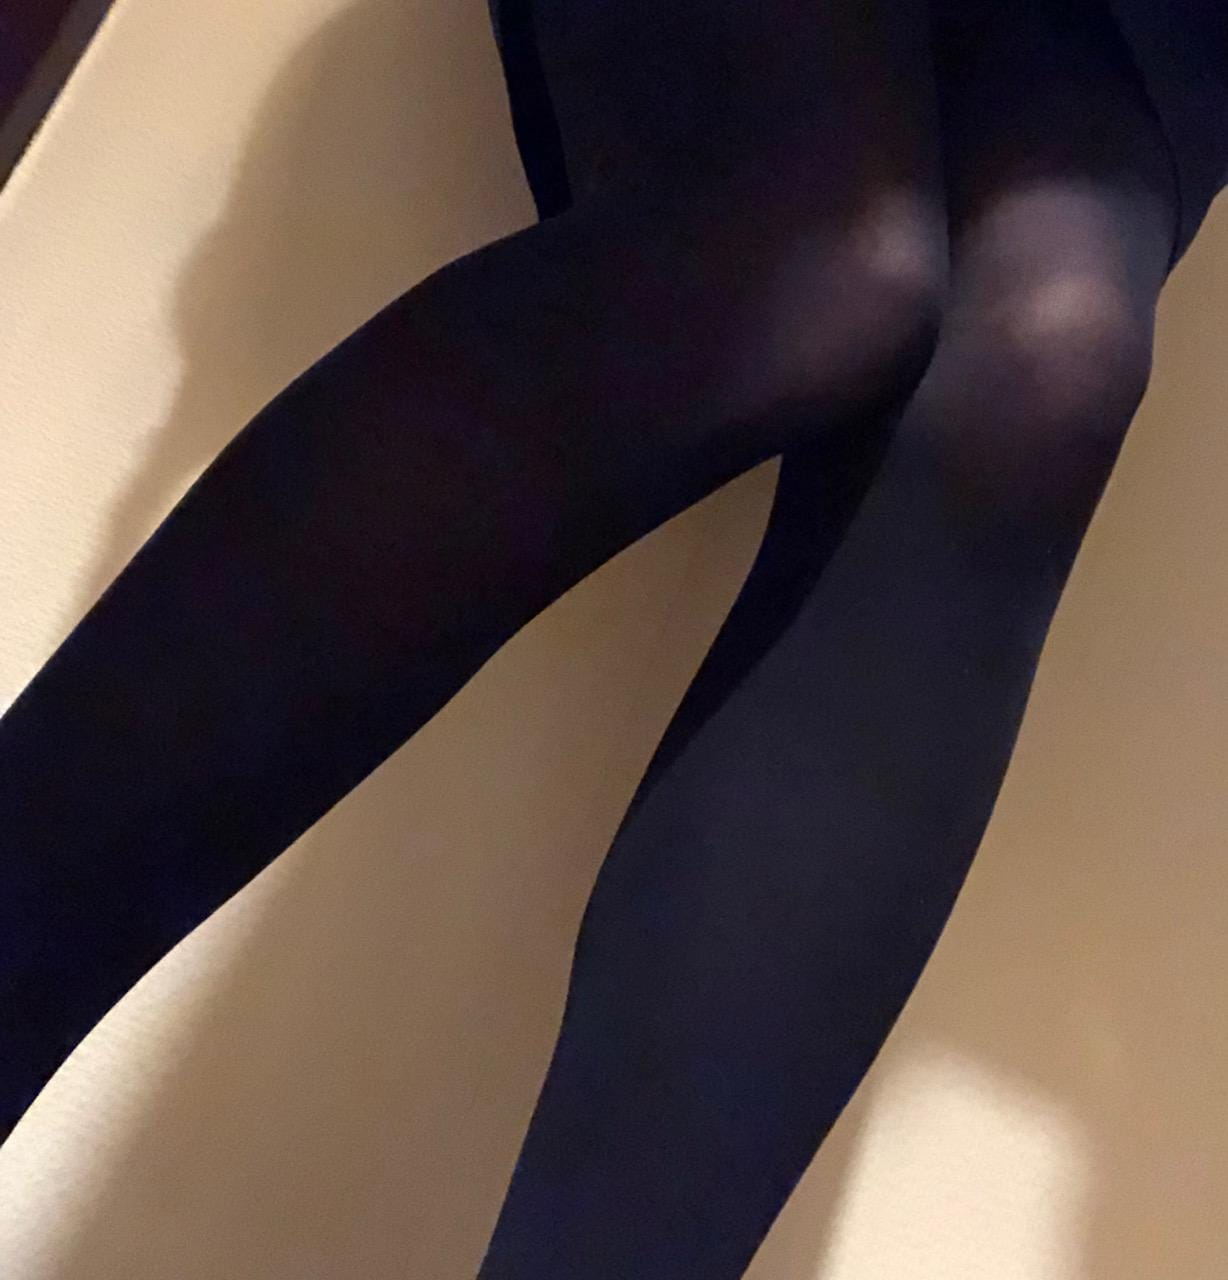 「黒いのん」12/12(水) 23:35 | 大杉ランの写メ・風俗動画